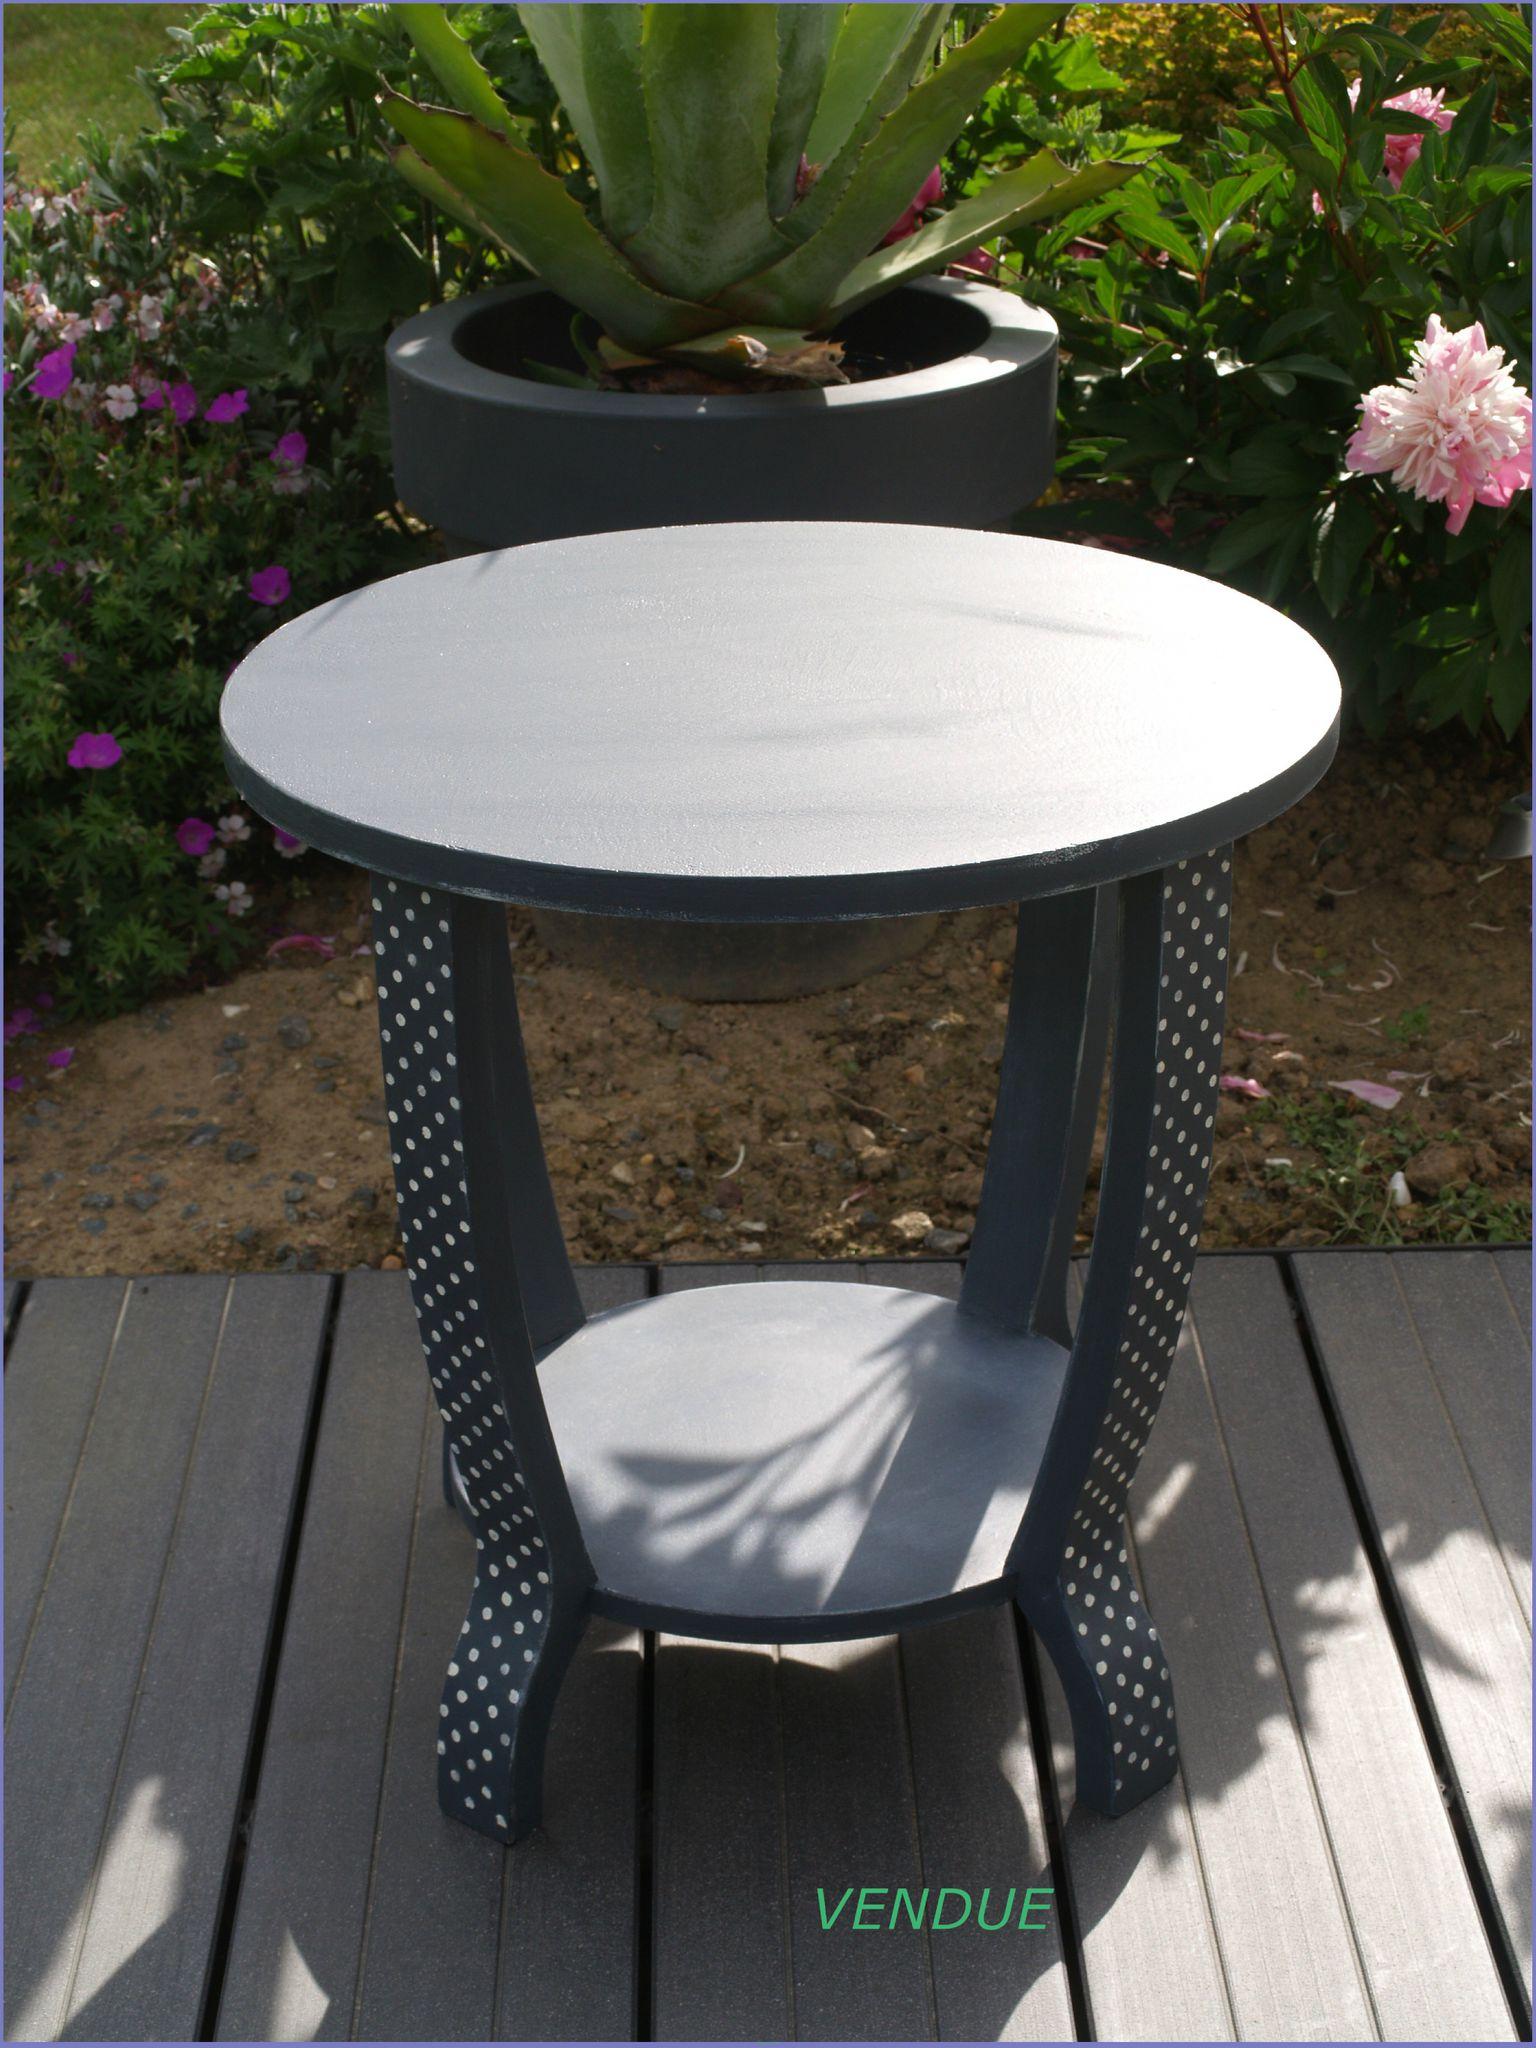 table vendue